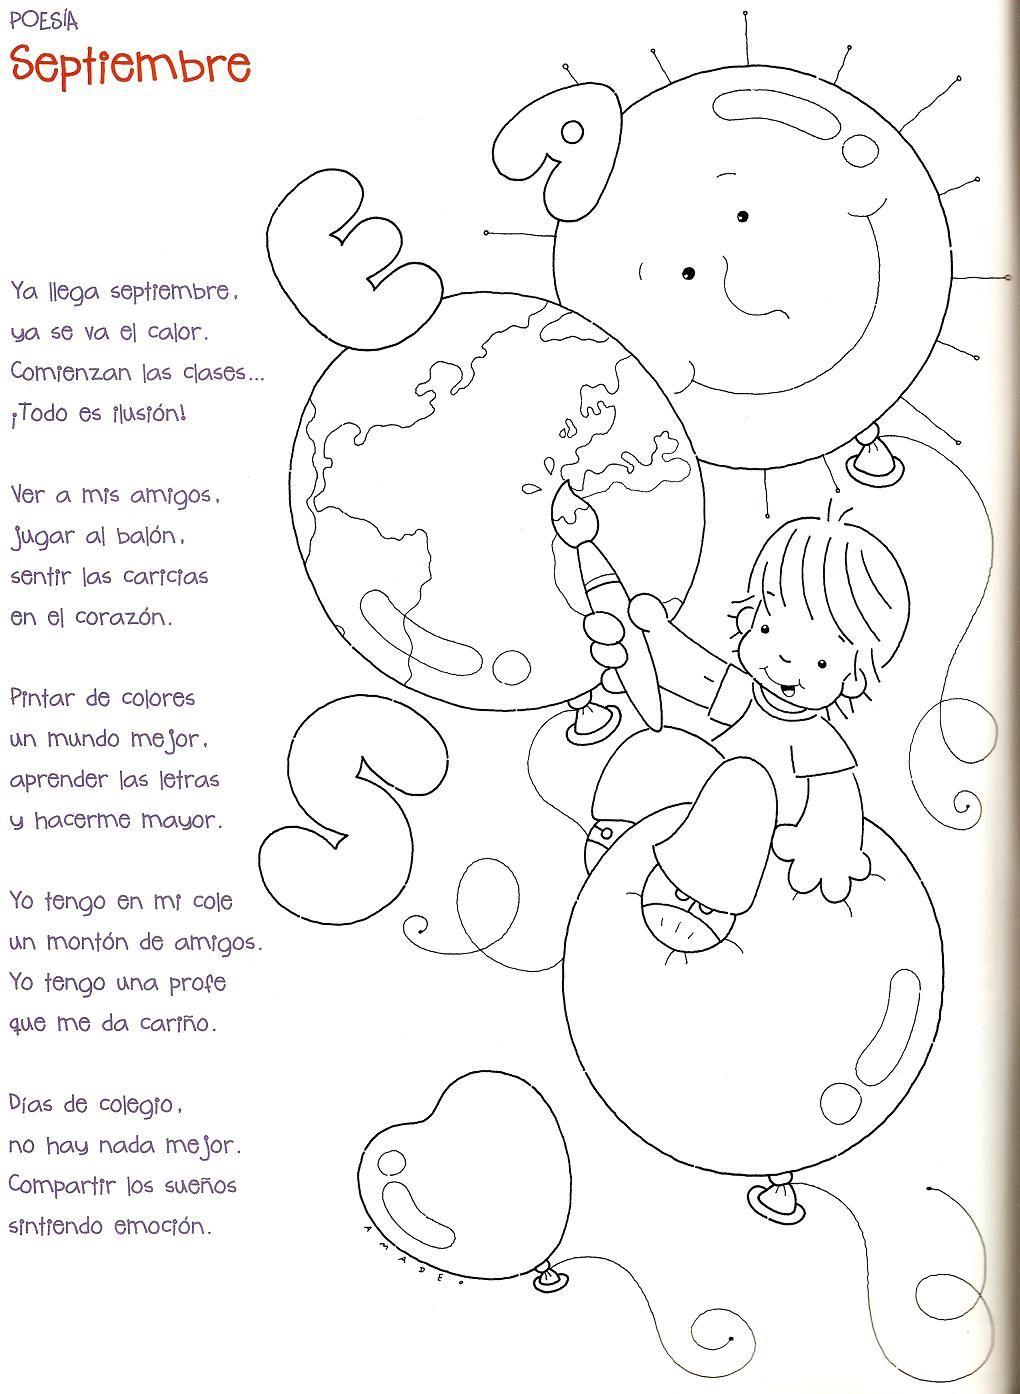 Poesia Septiembre Poemas Infantiles Poesias Infantiles Poesía Para Niños